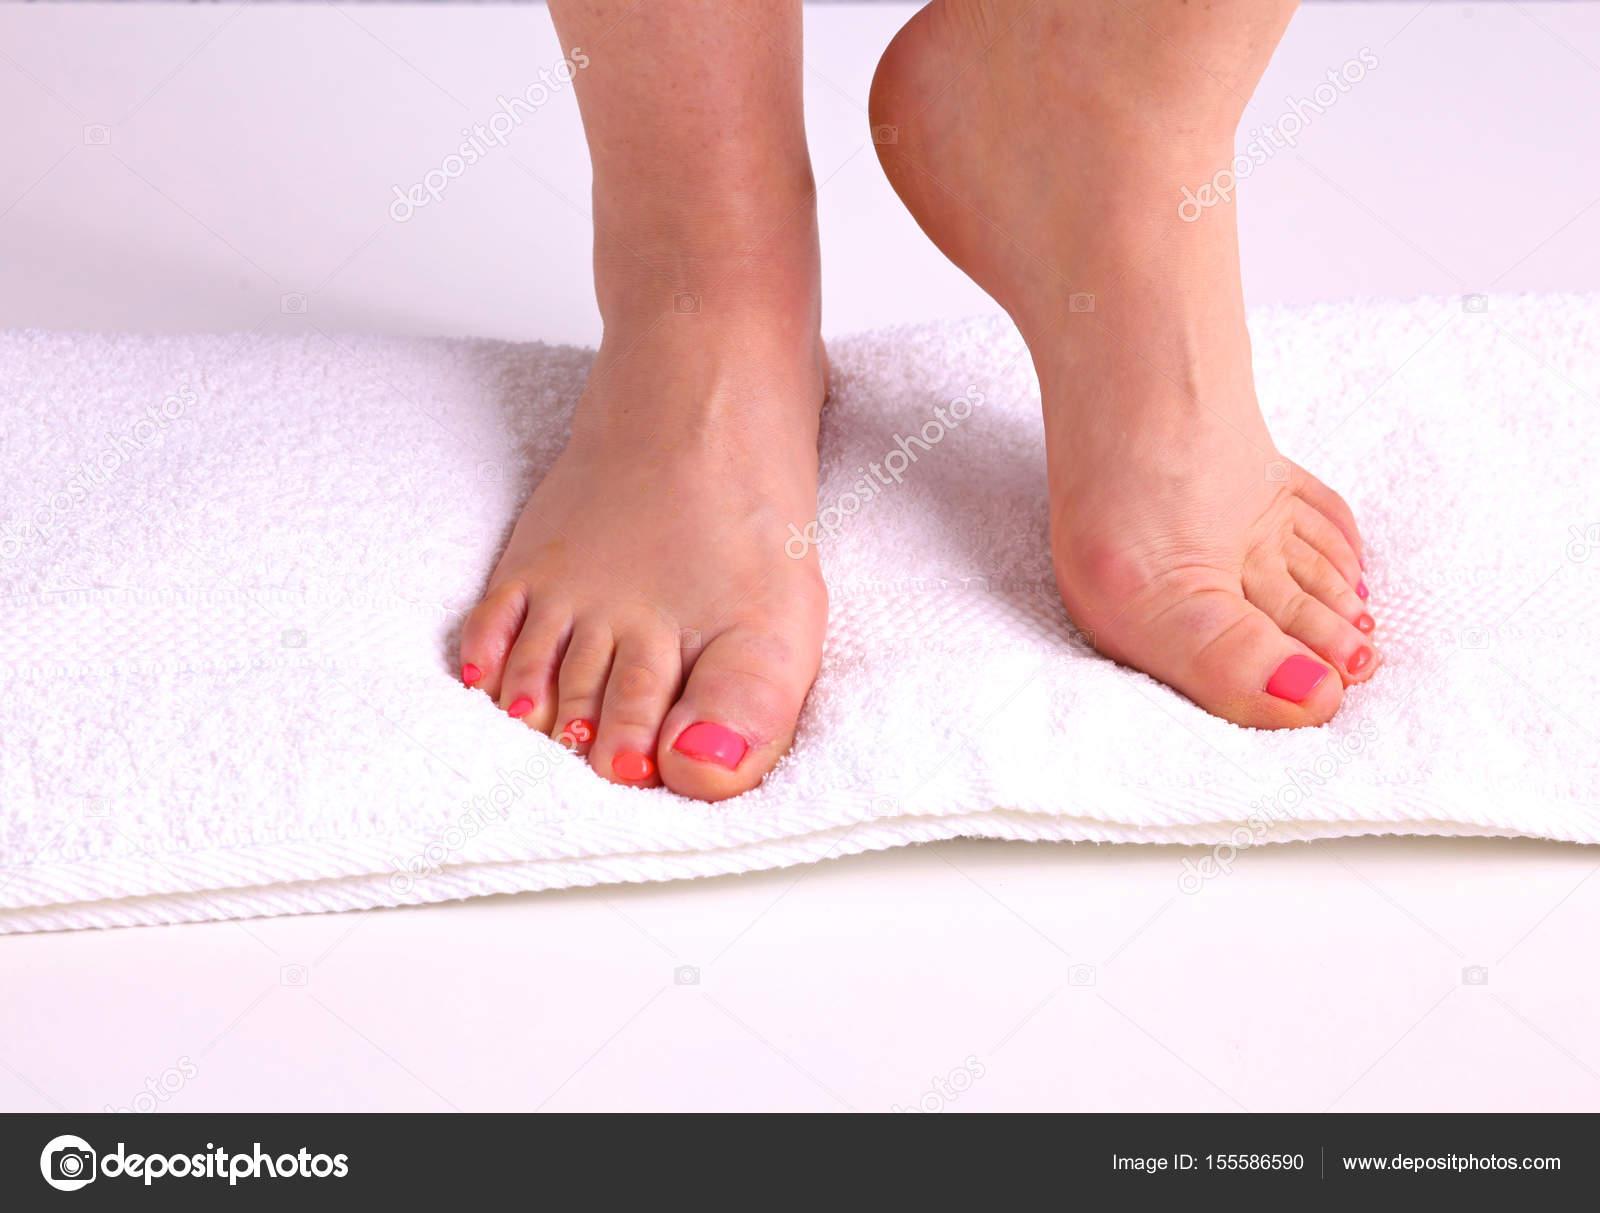 Красивые женские ноги-фото крупным планом #13